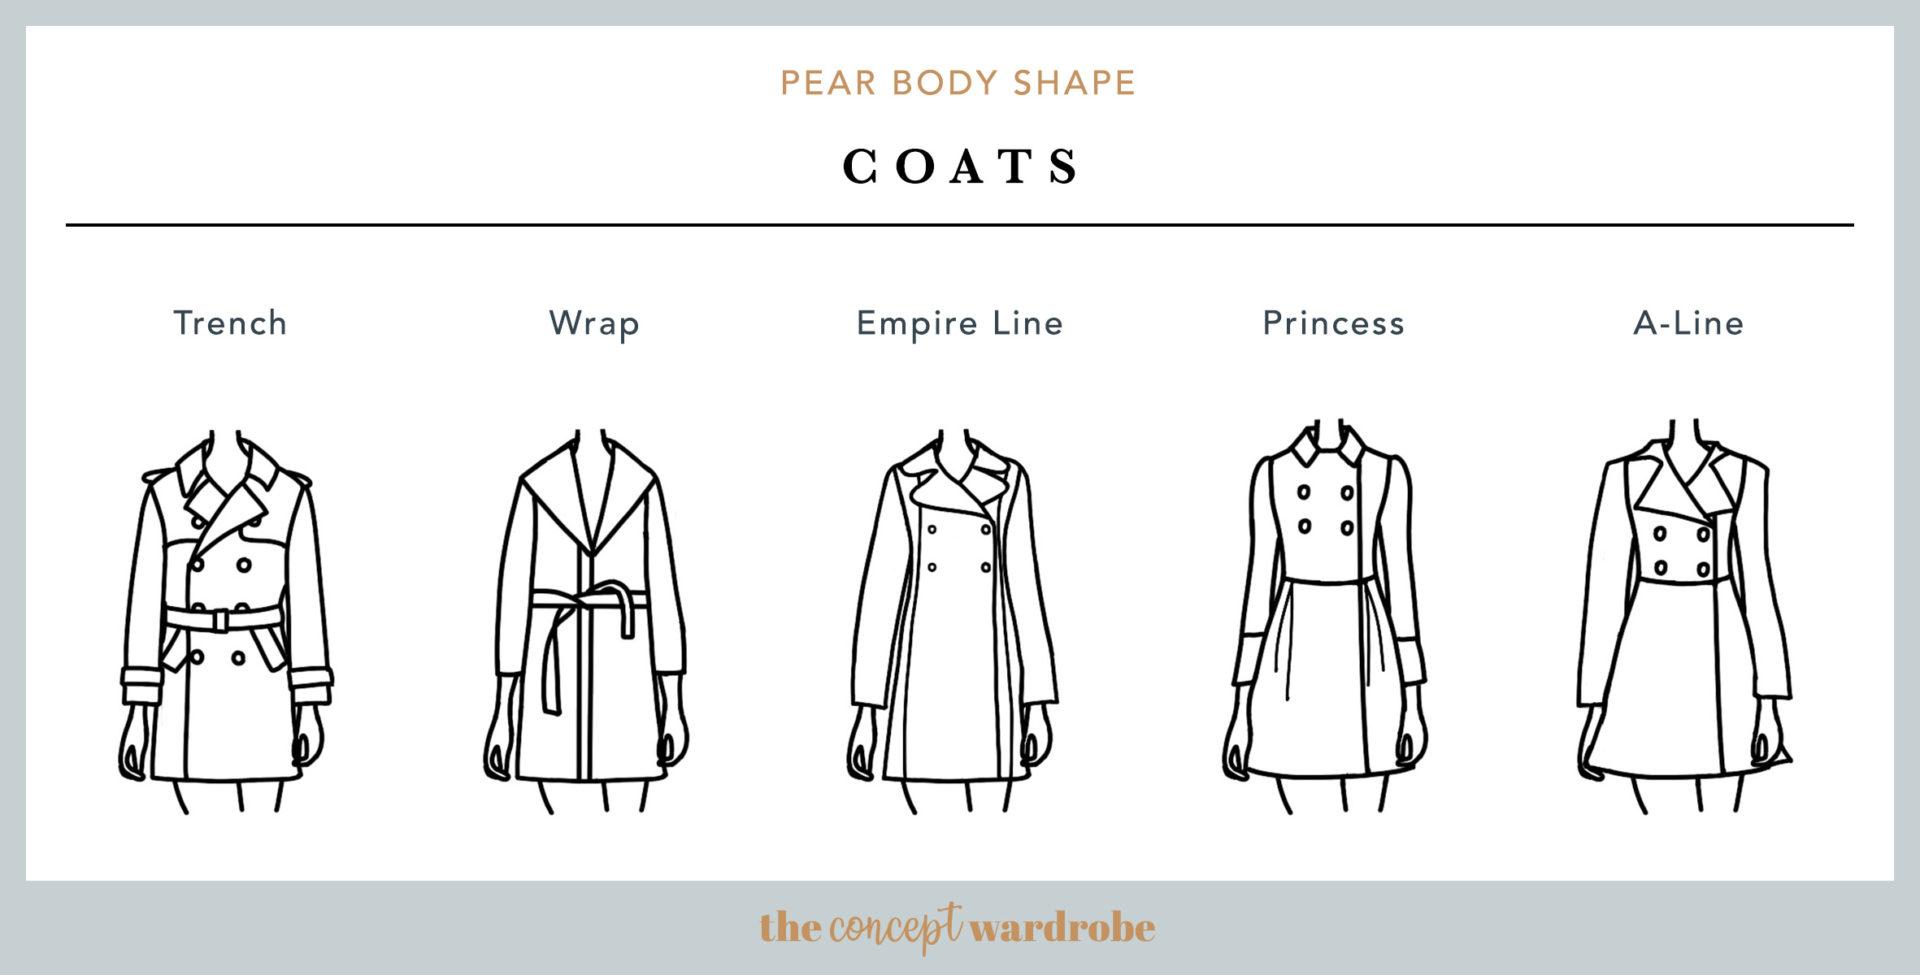 Pear Body Shape Coats - the concept wardrobe